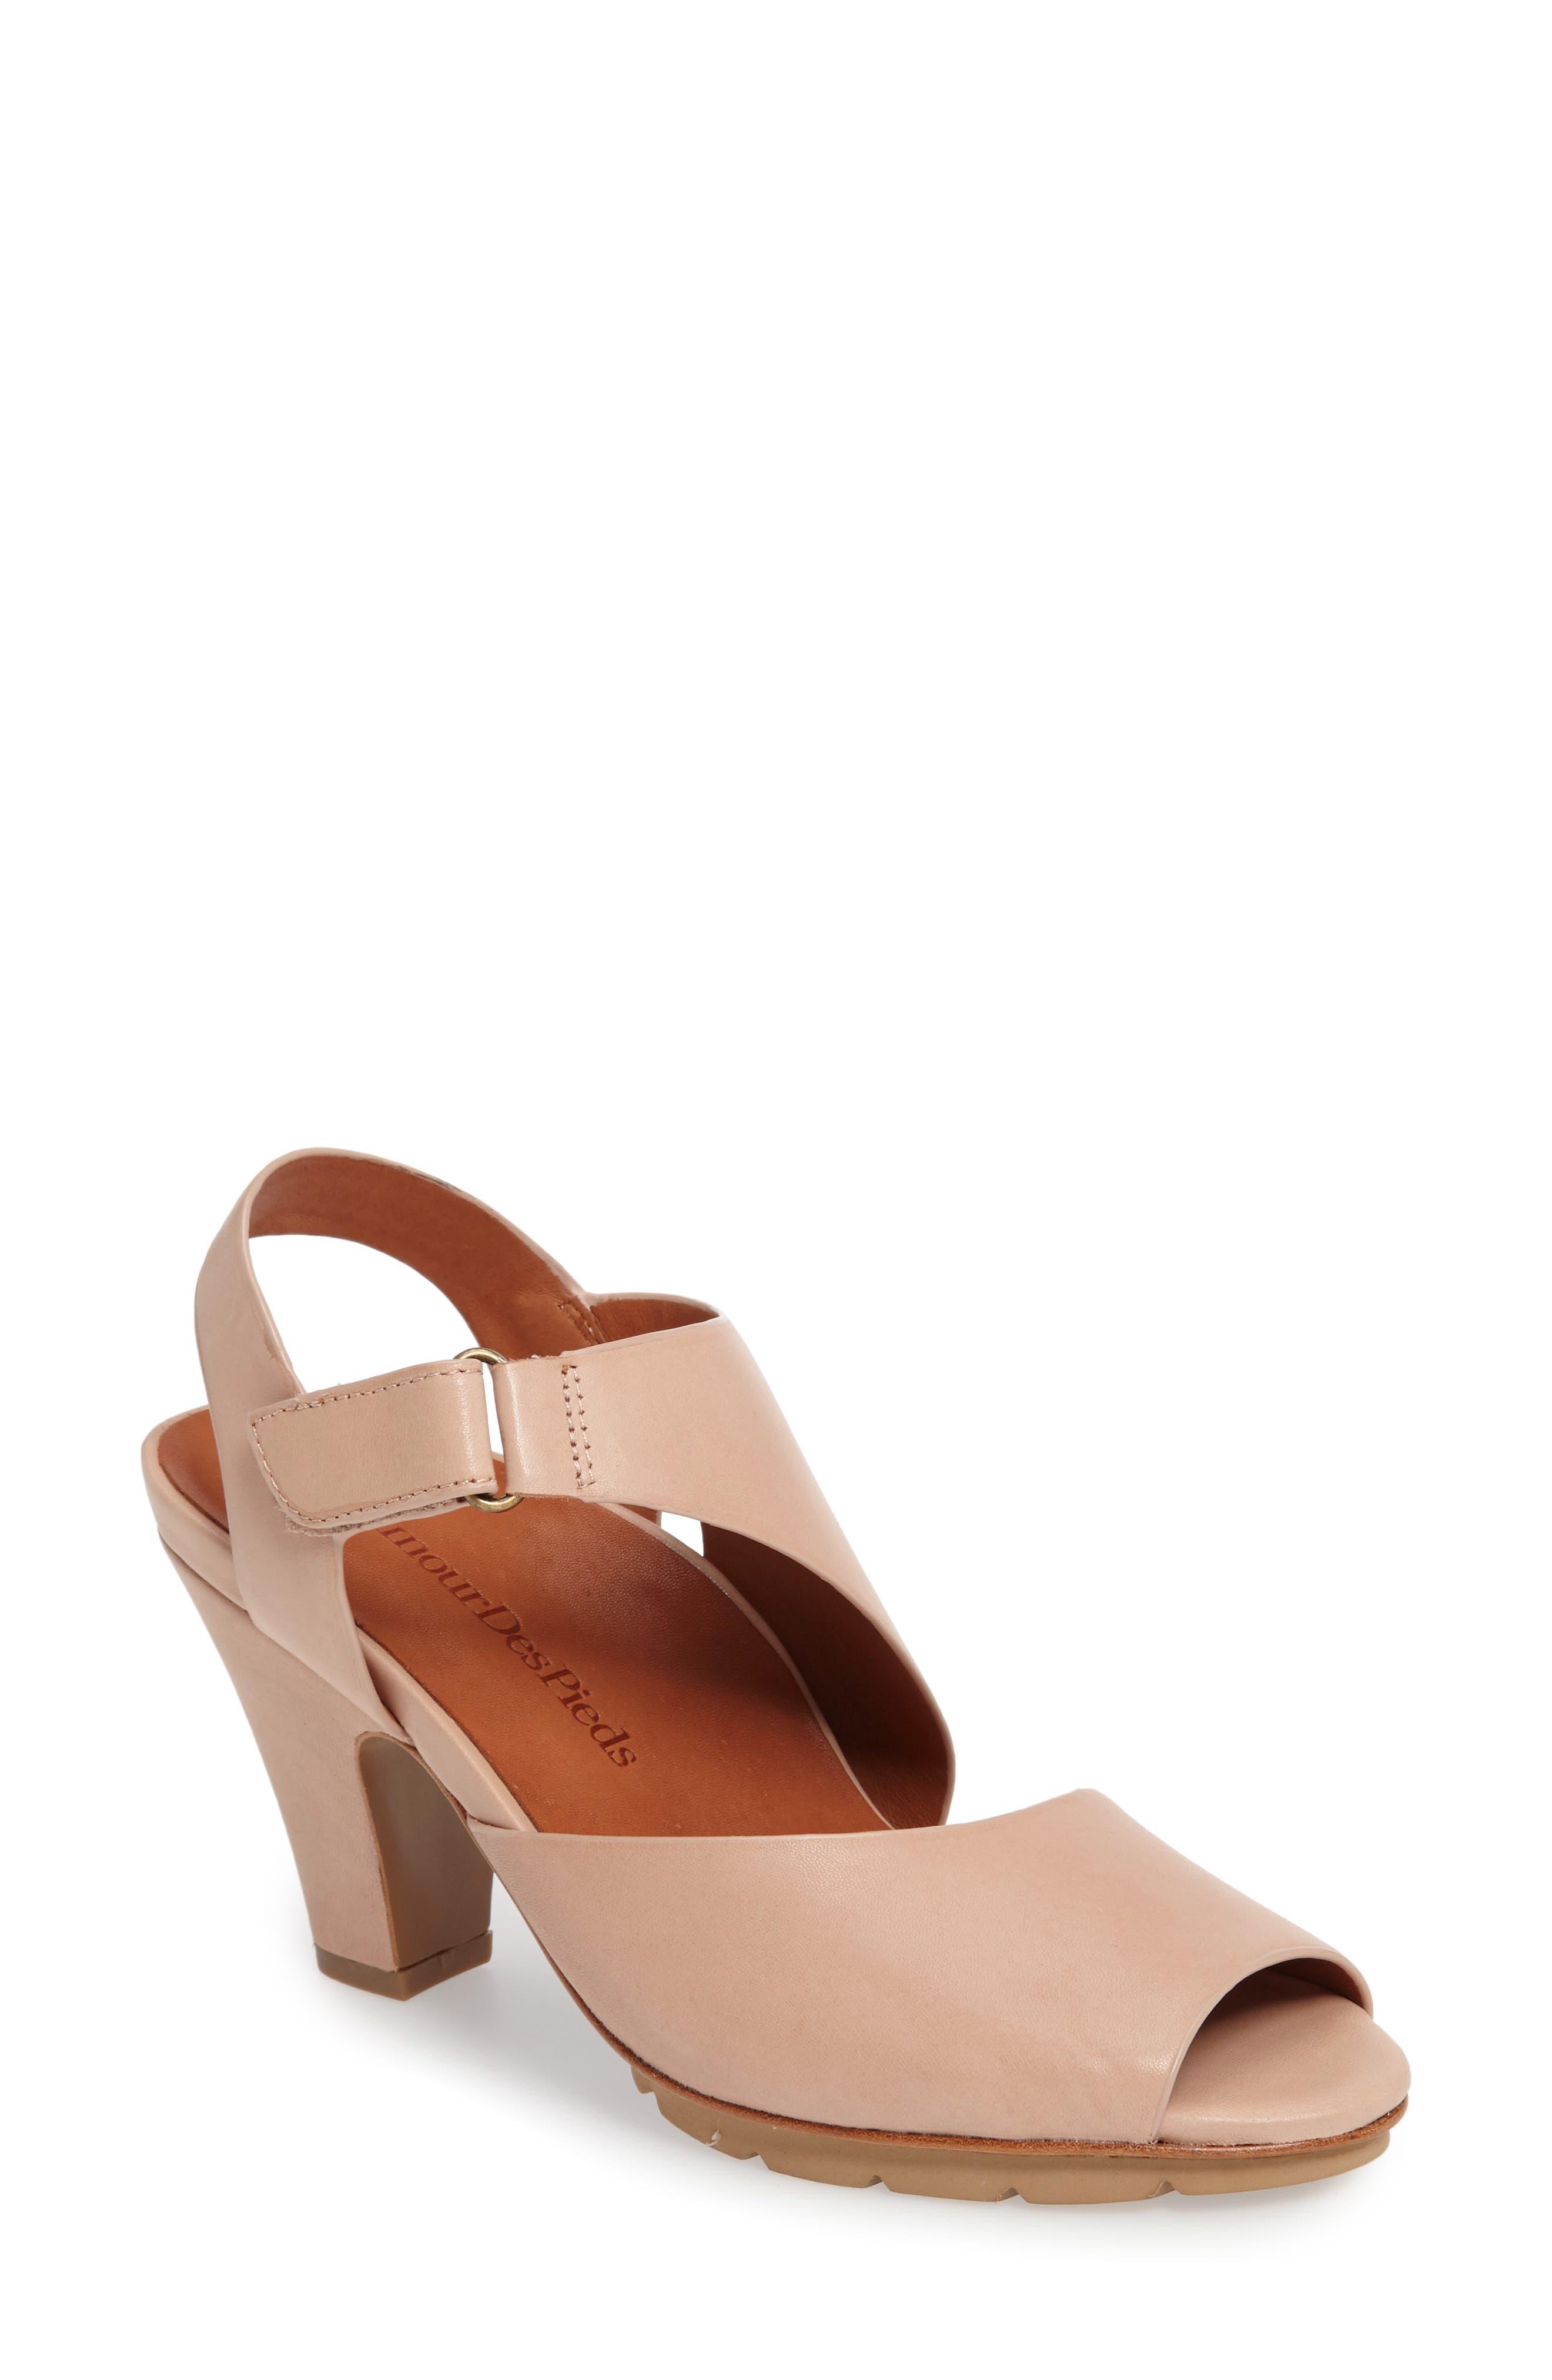 L'AMOUR DES PIEDS Foires Asymmetrical Slingback Sandal